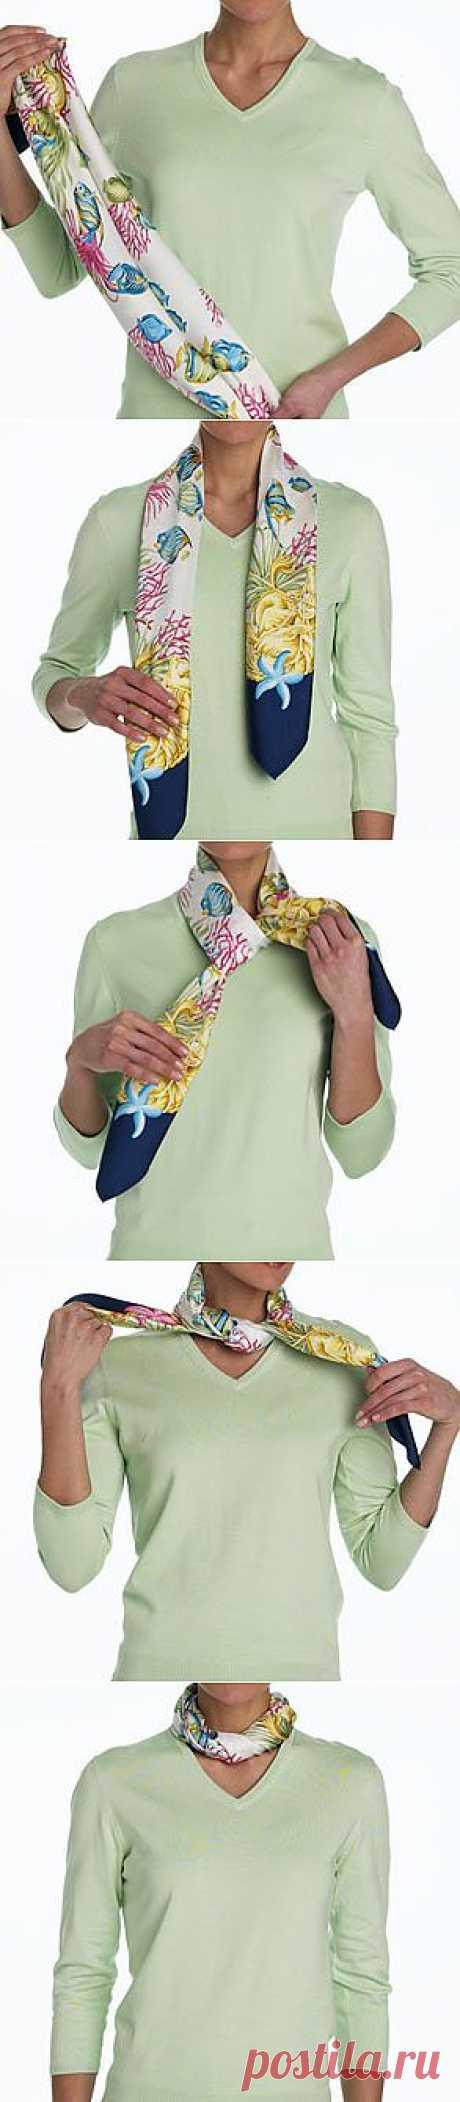 (+1) - Как красиво повязать шарф | Очумелые ручки